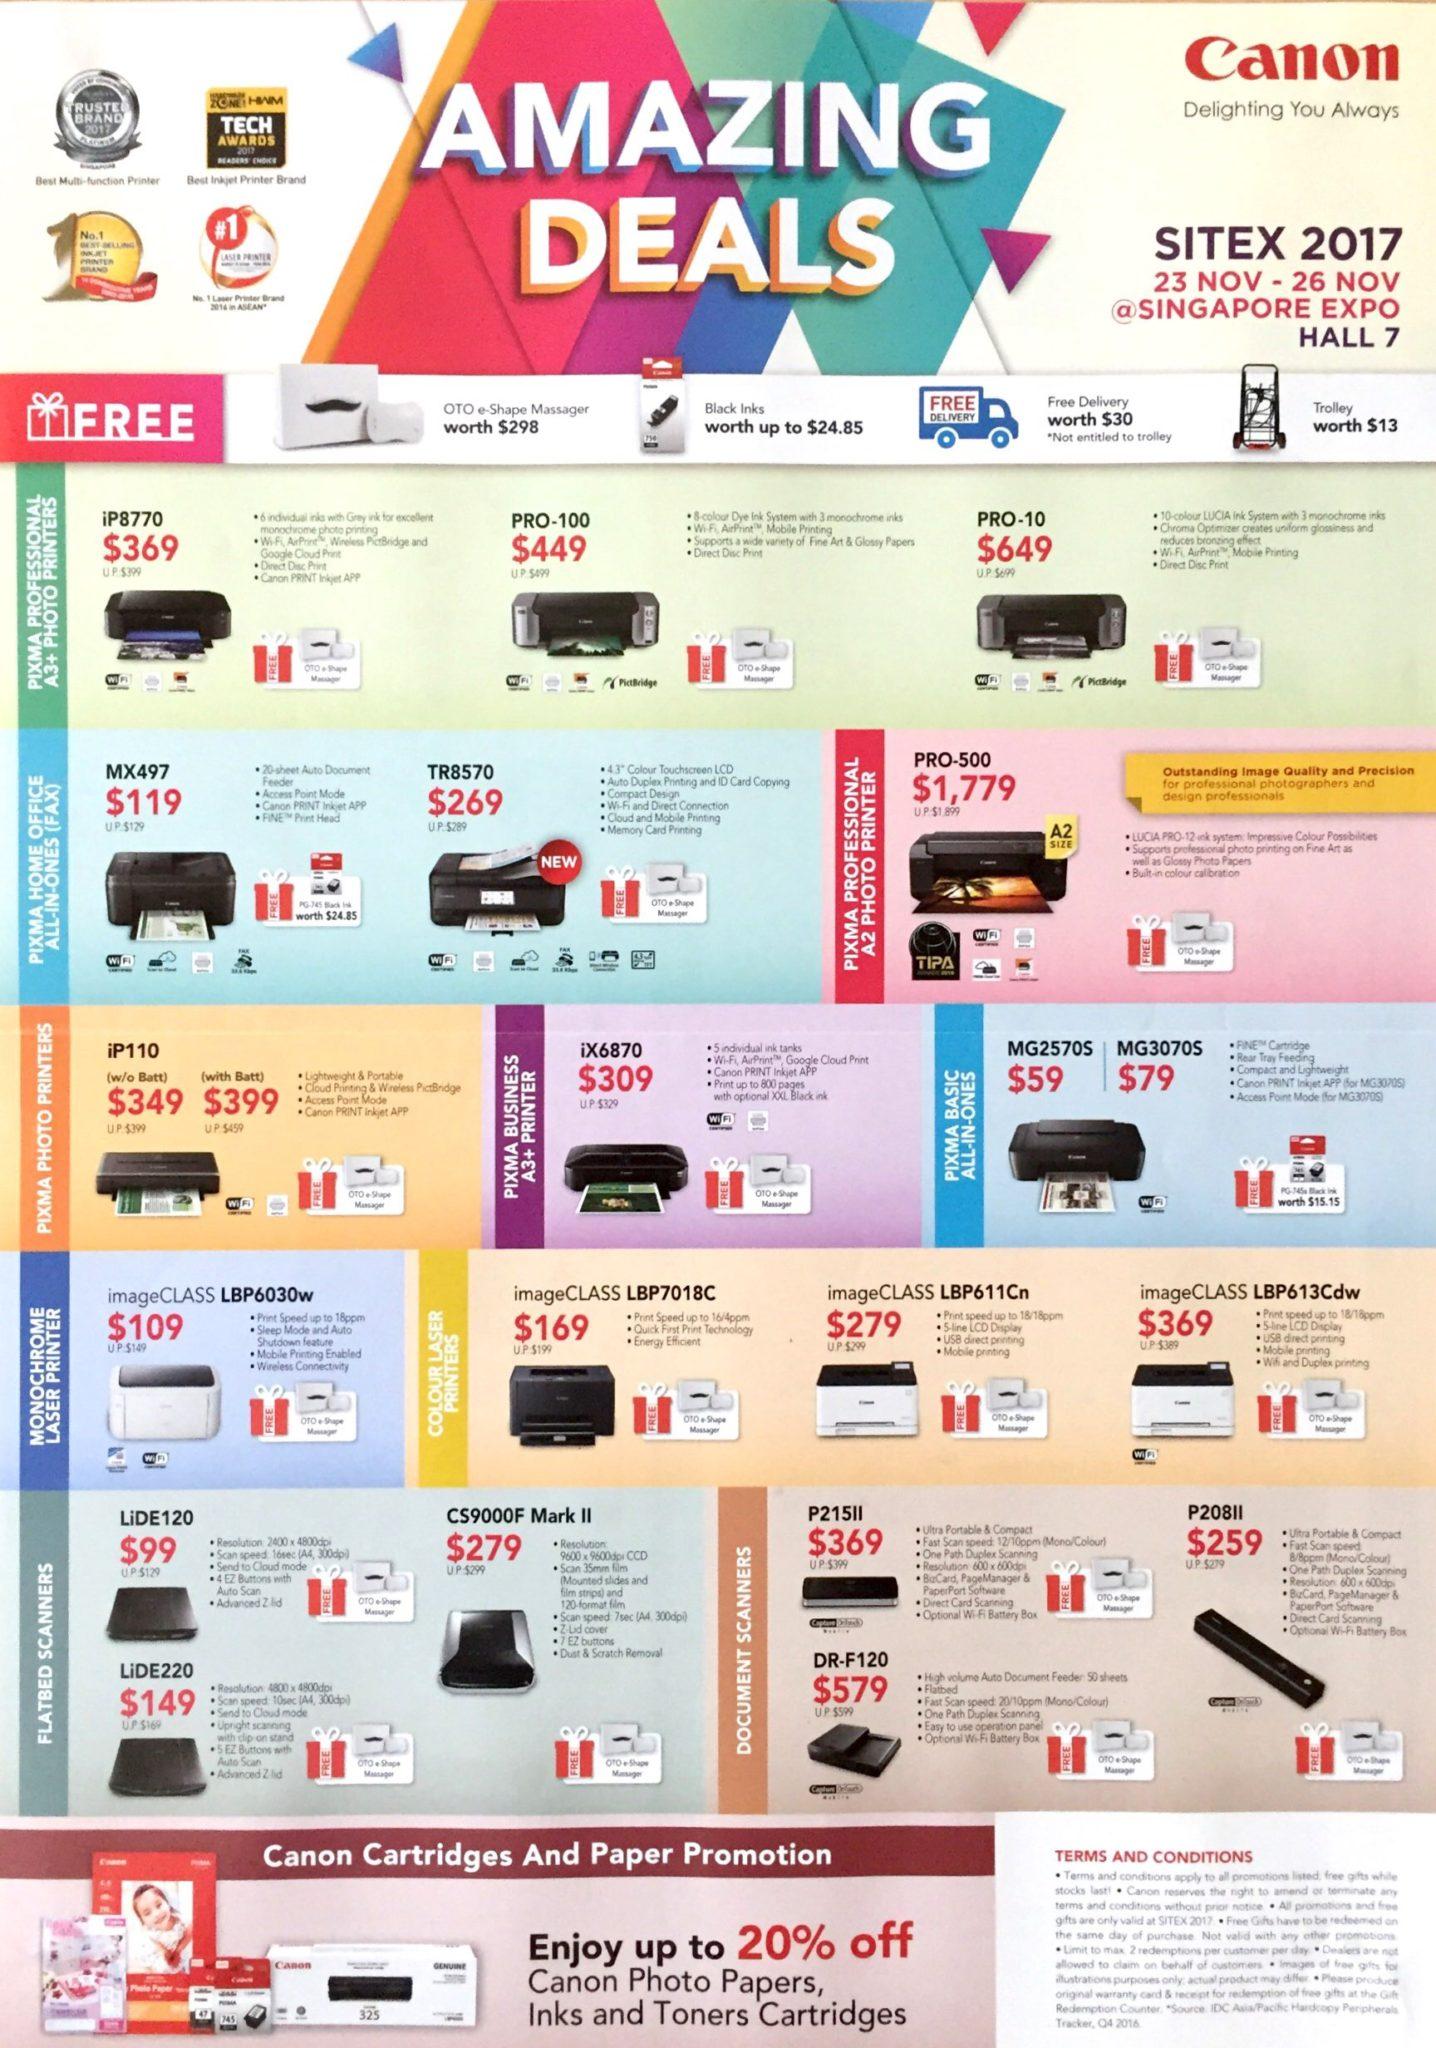 Canon Printer Deals @ SITEX 2017 | Brochure pg1